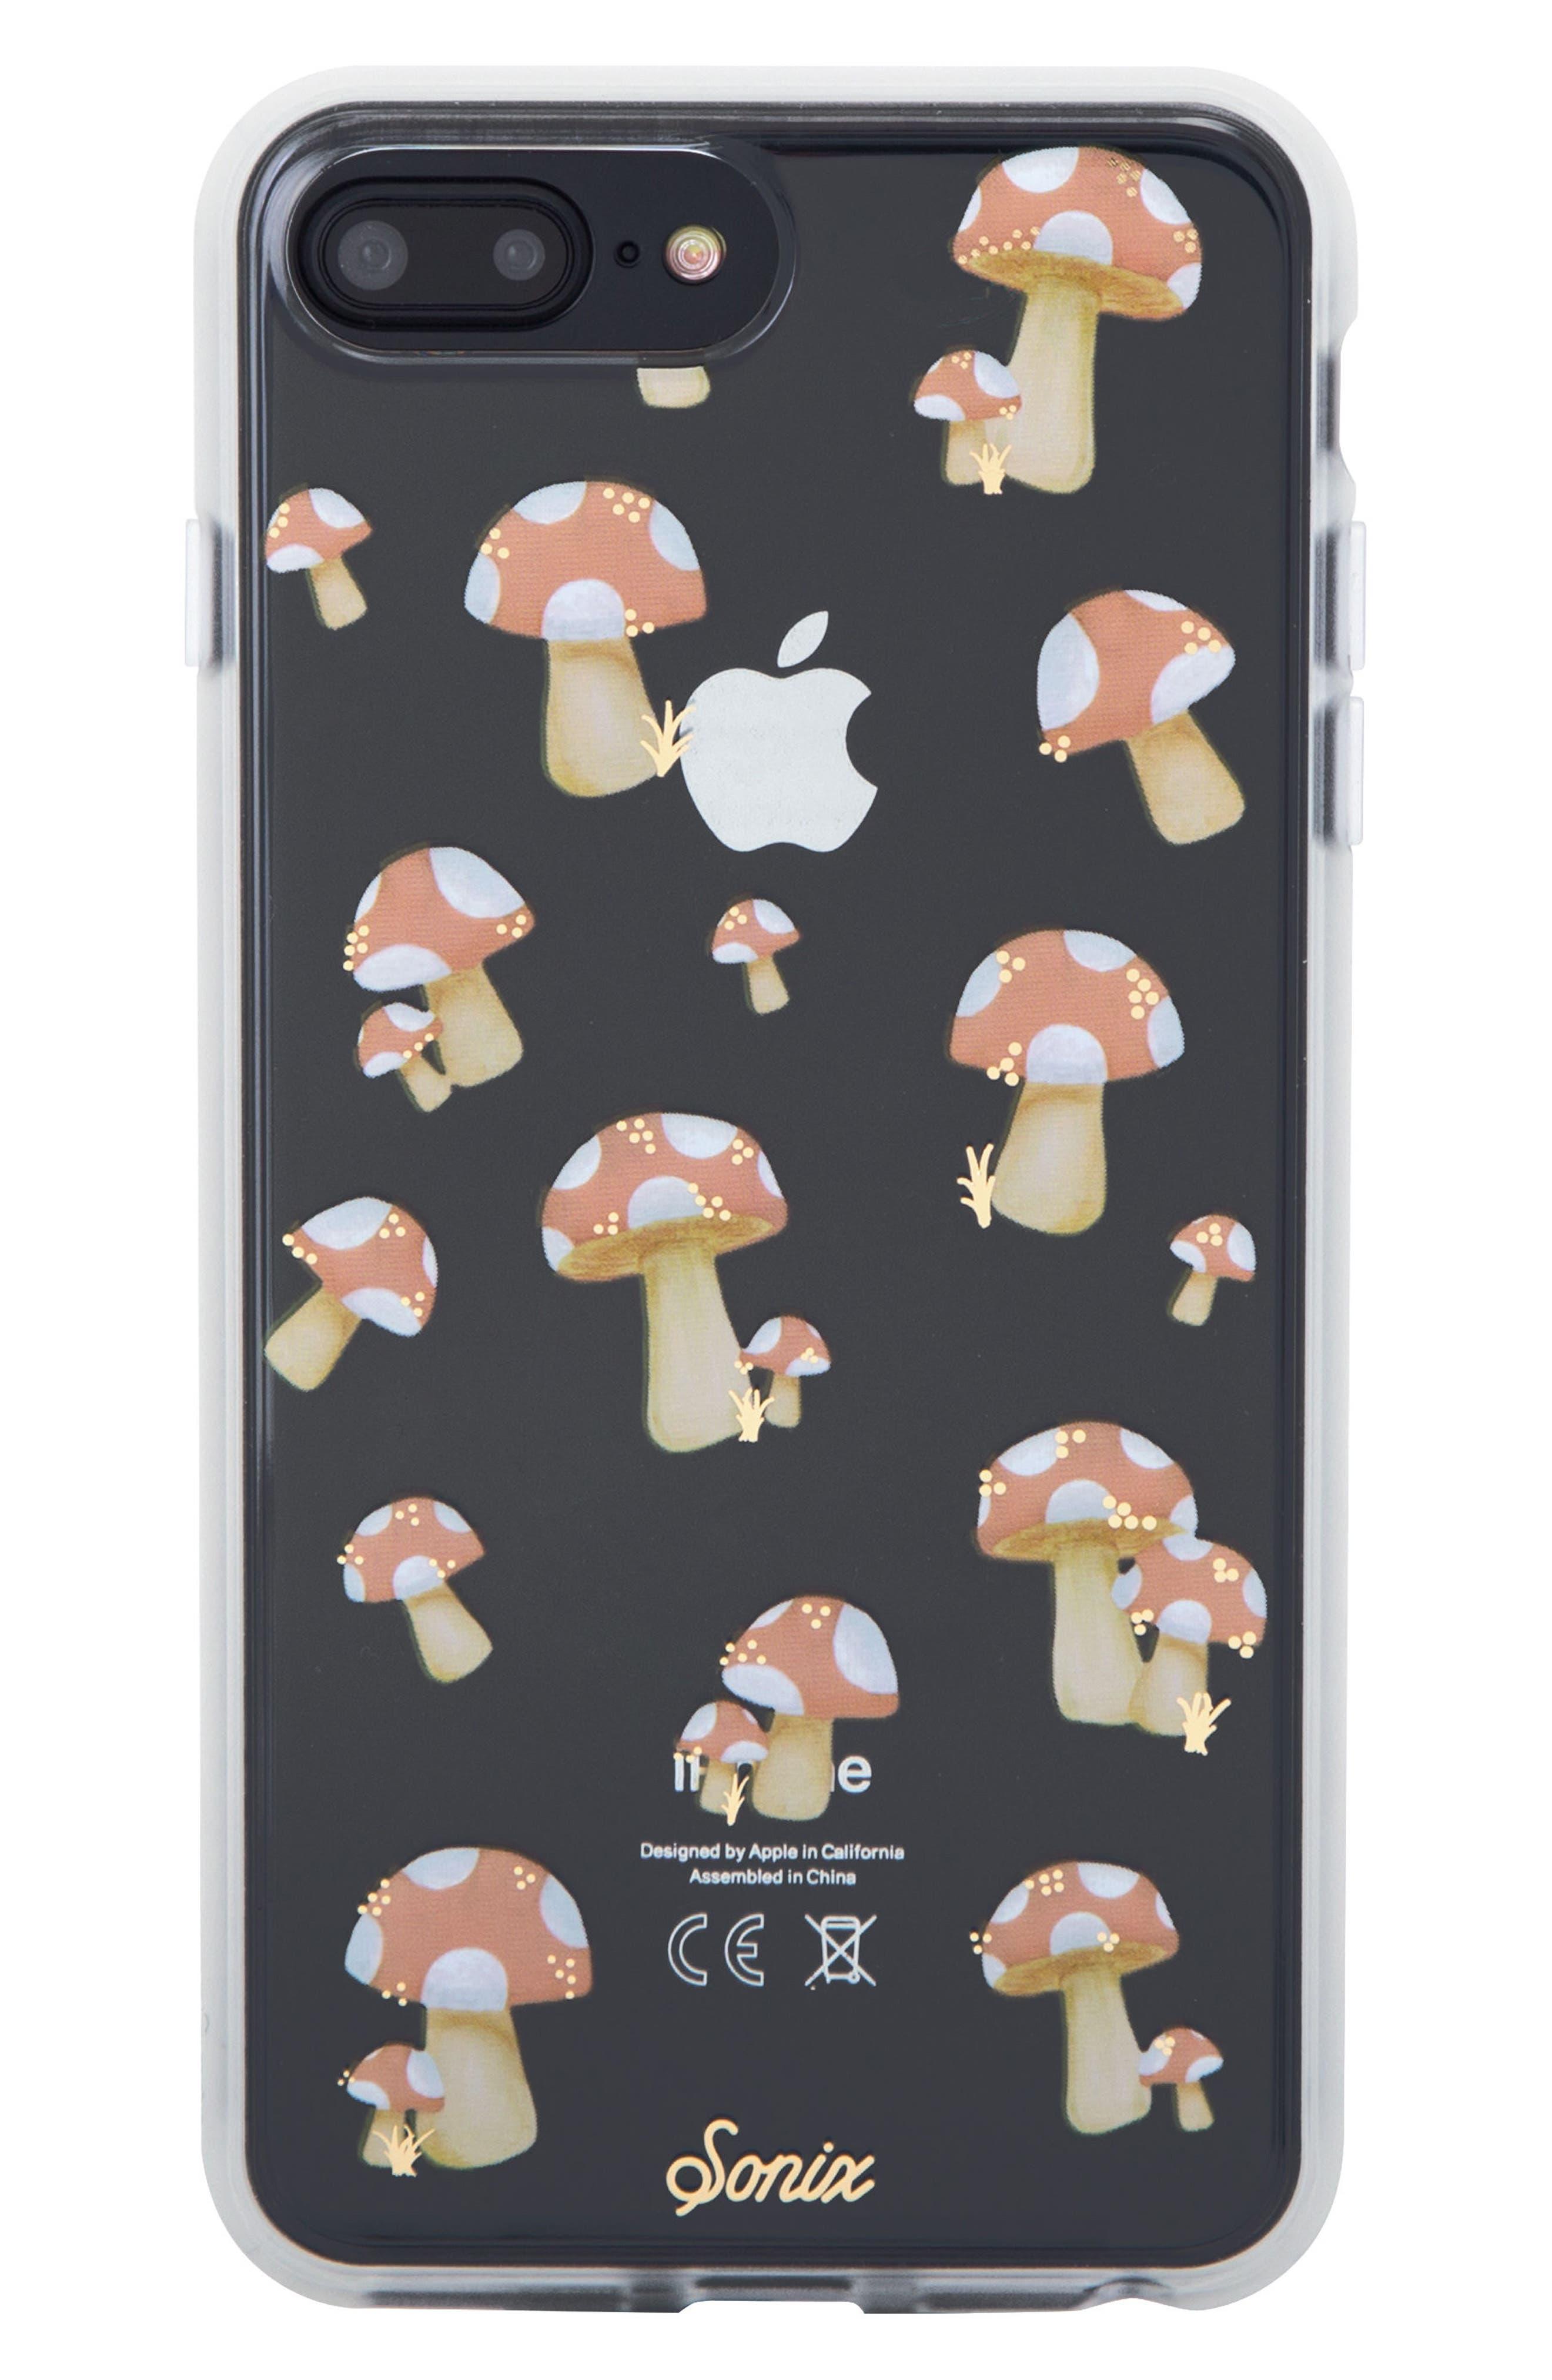 Mushroom iPhone 6/6s/7/8 & 6/6s/7/8 Plus Case,                         Main,                         color, 650